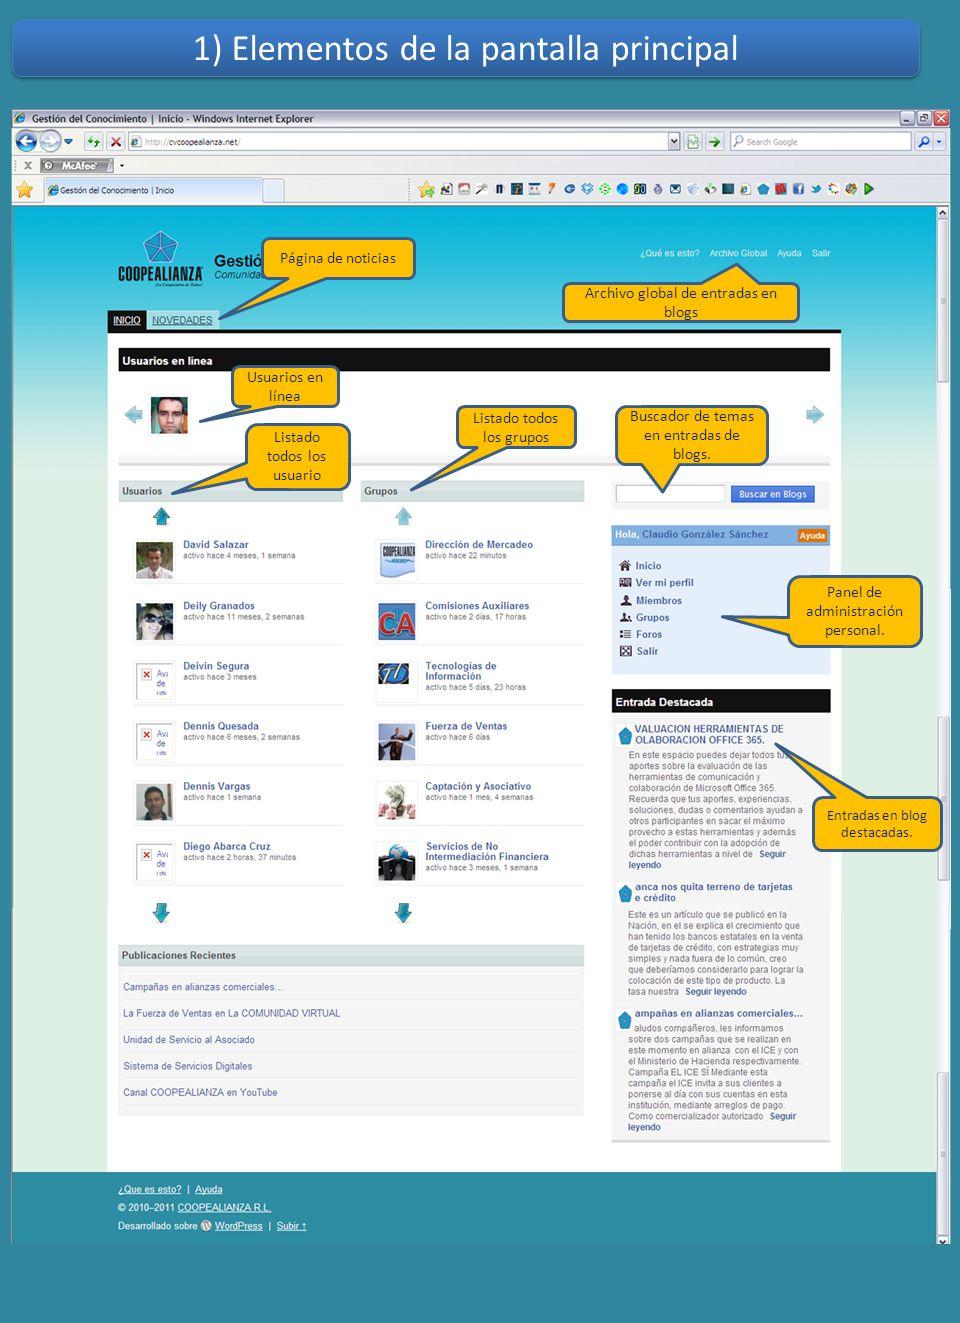 Usuarios en línea Página de noticias Archivo global de entradas en blogs Listado todos los usuario Listado todos los grupos Panel de administración personal.